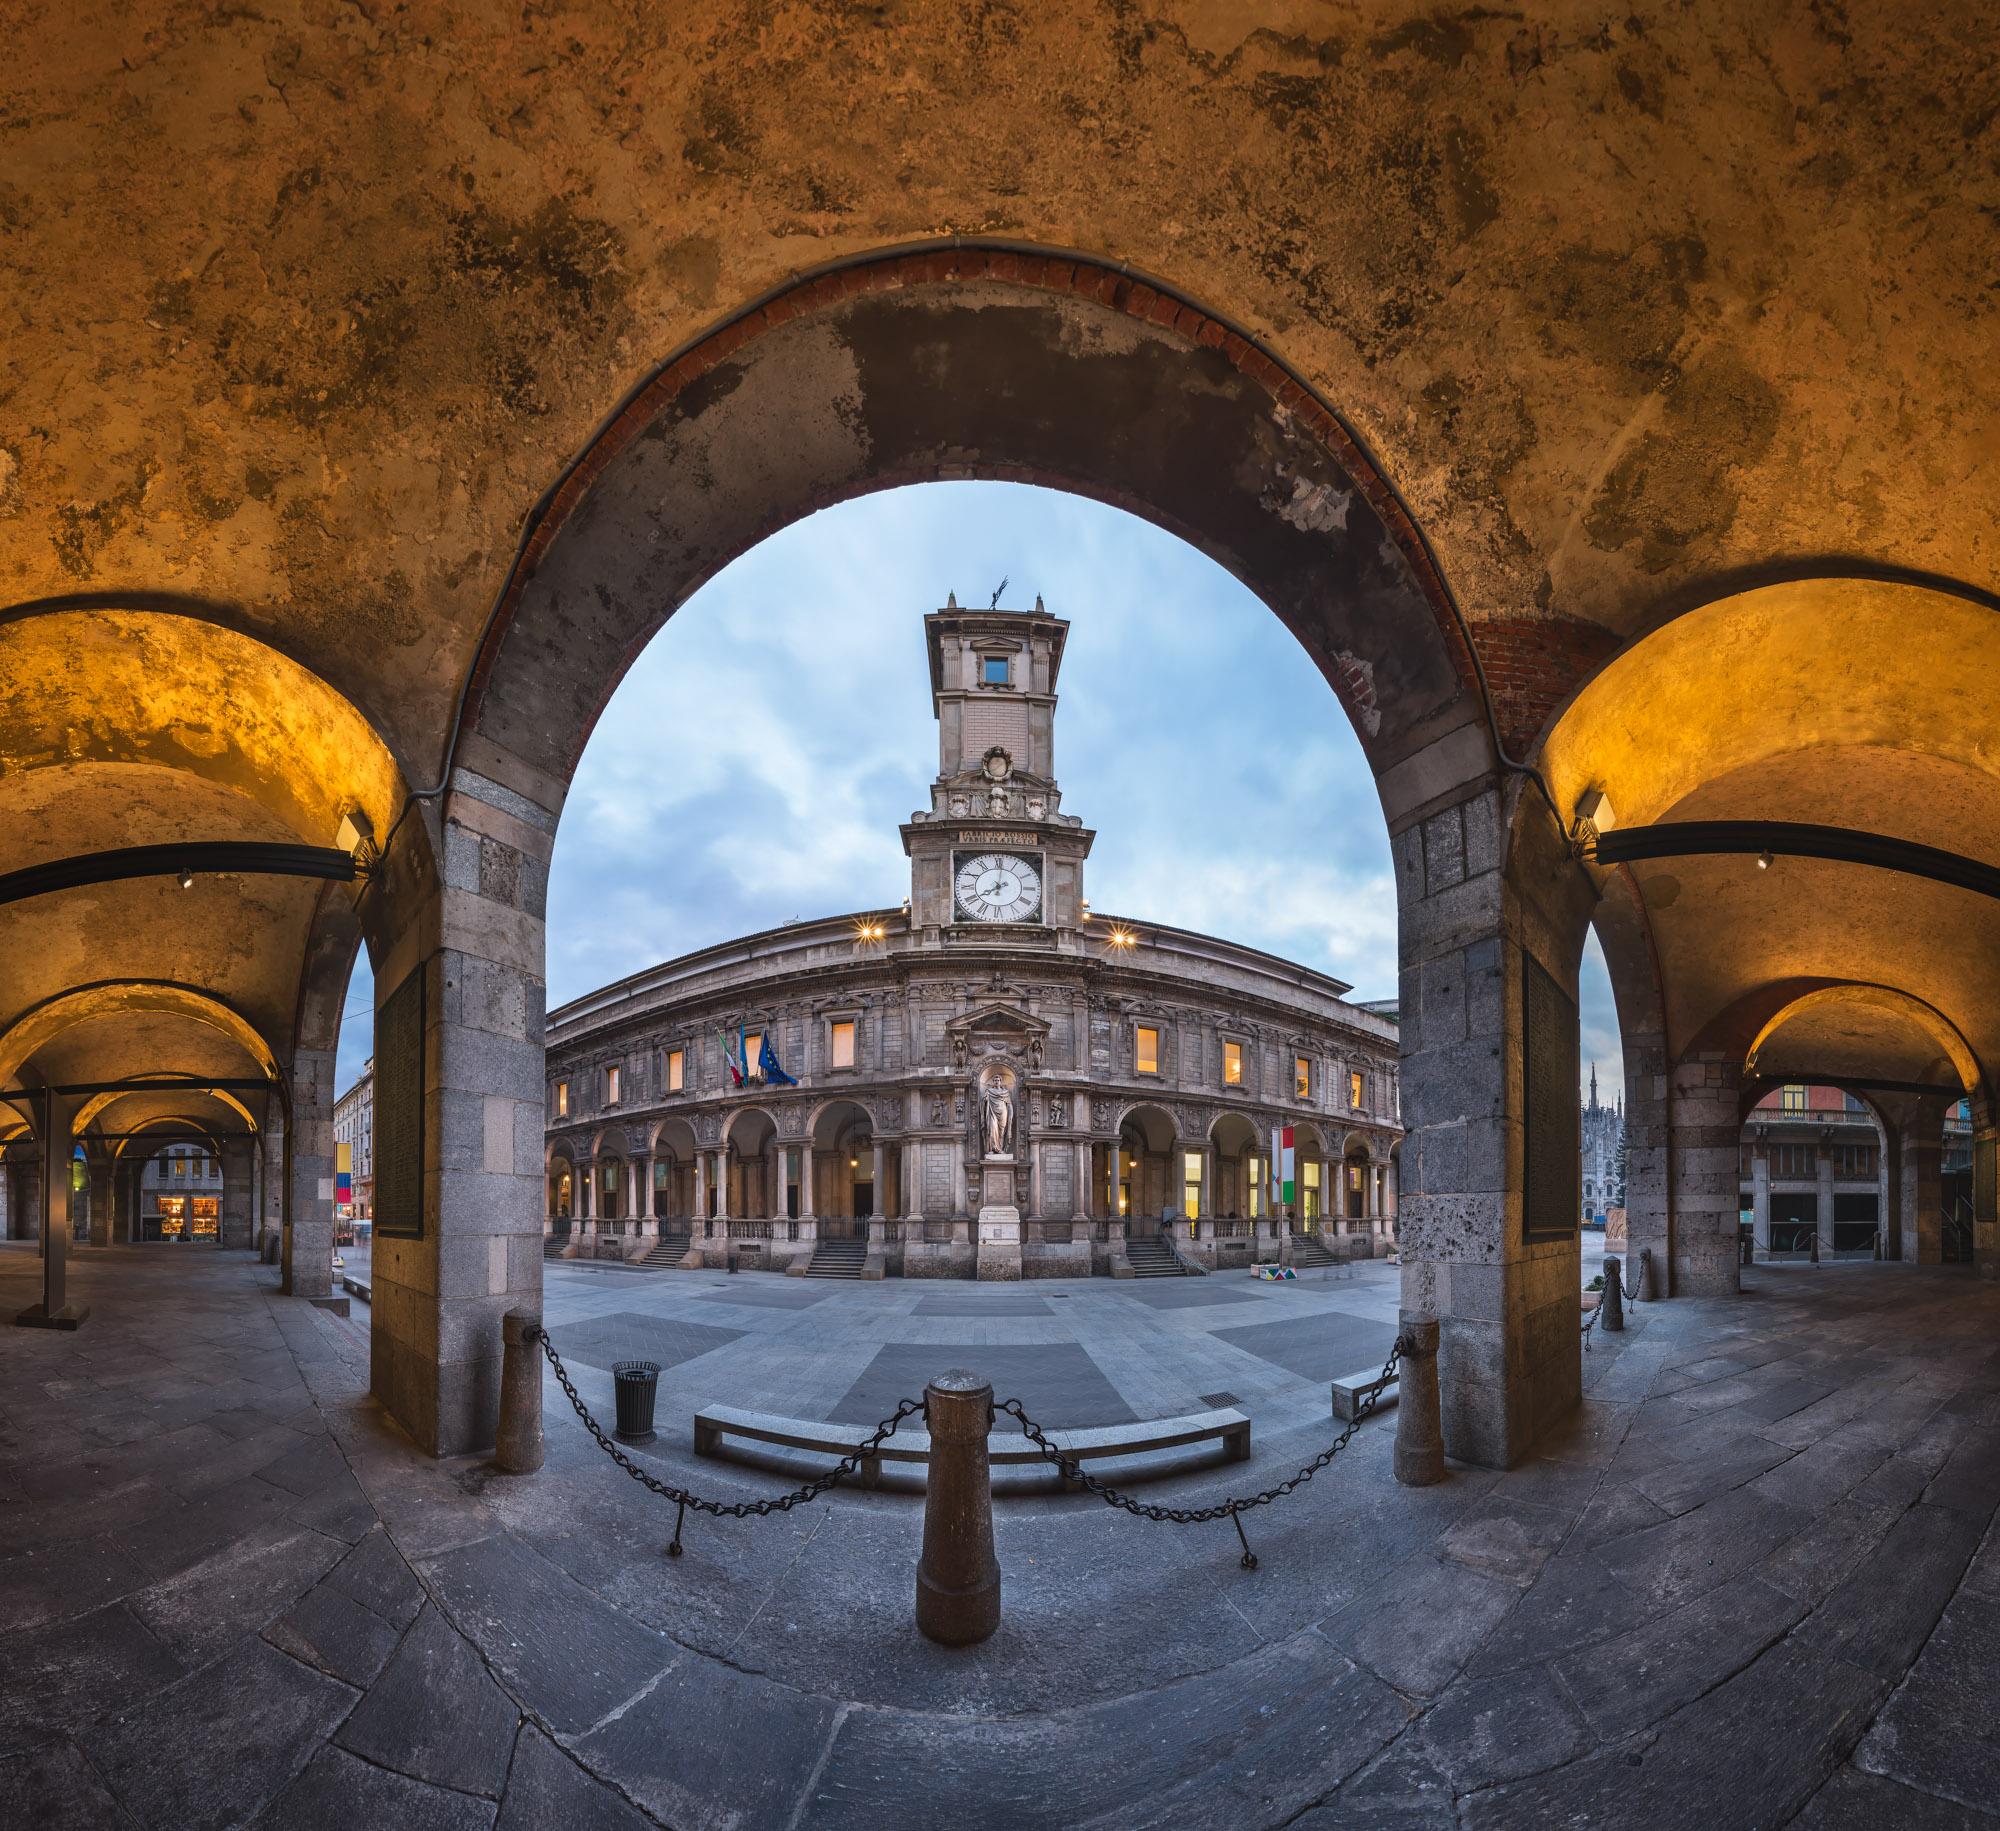 Palazzo della Ragione and Via dei Mercanti, Milan, Italy